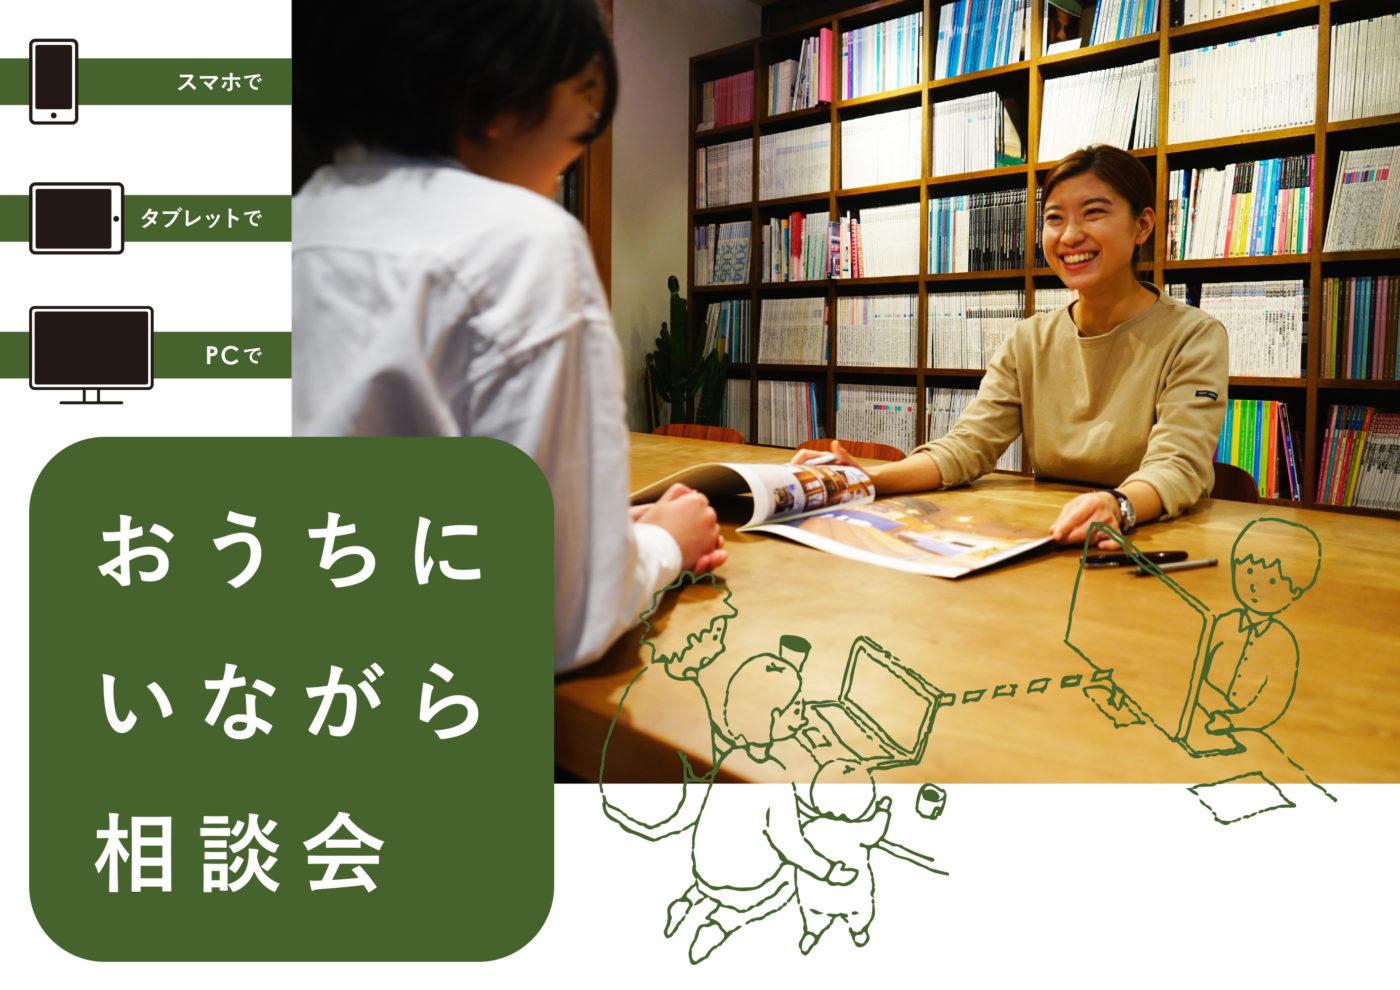 オンライン見学&相談会 in 新潟